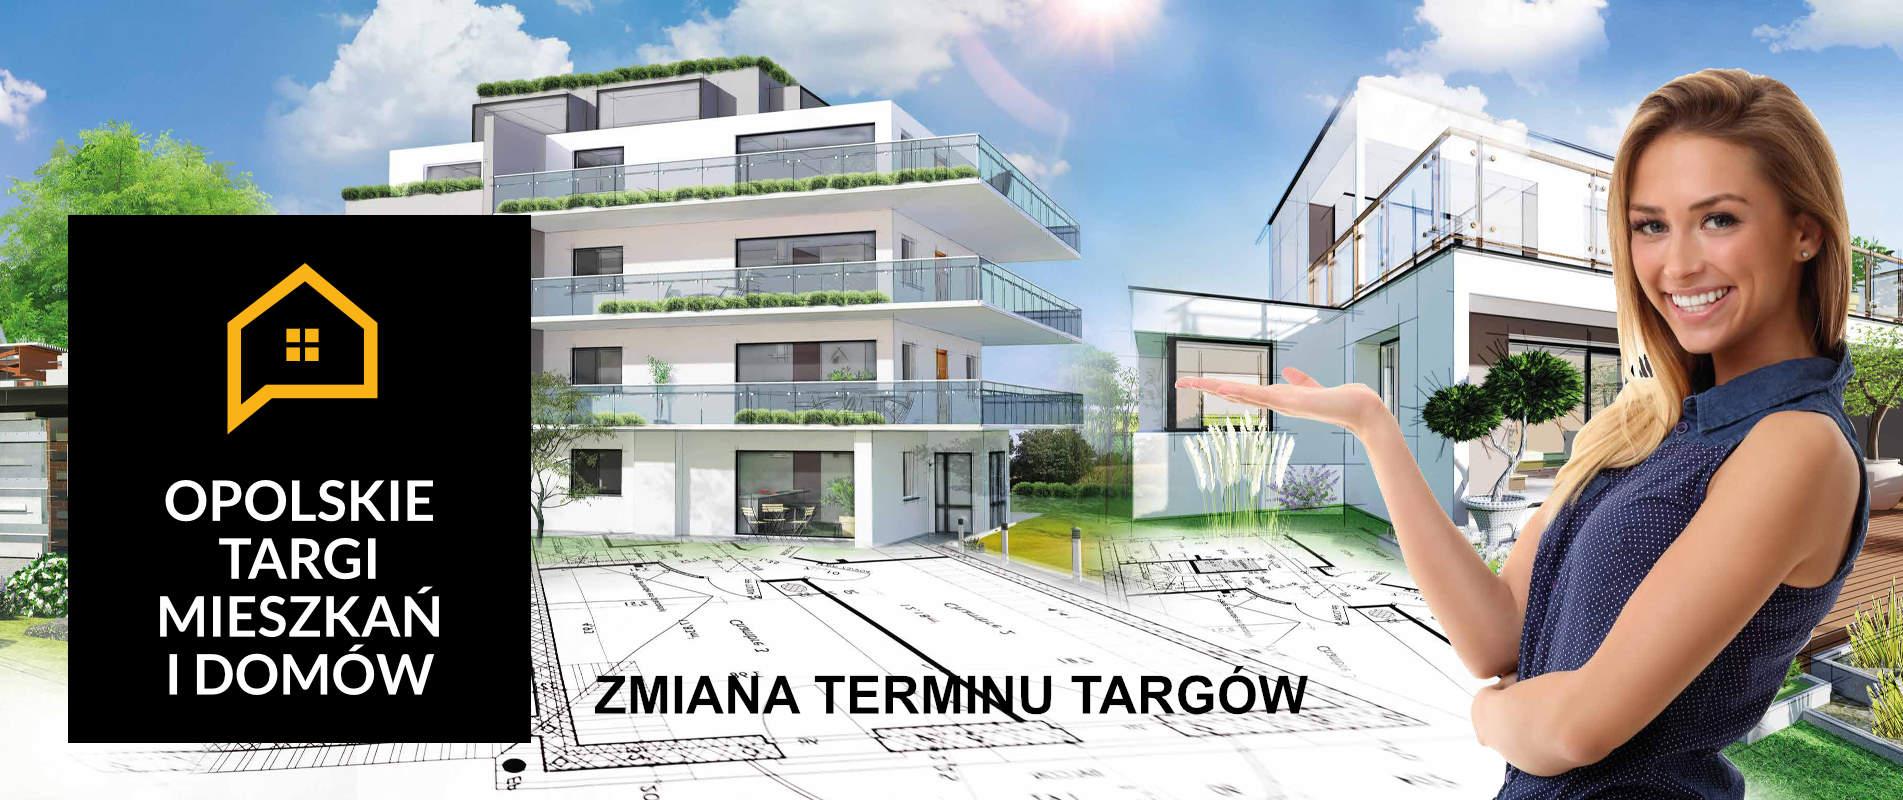 Targi Mieszkań i Domów w Opolu